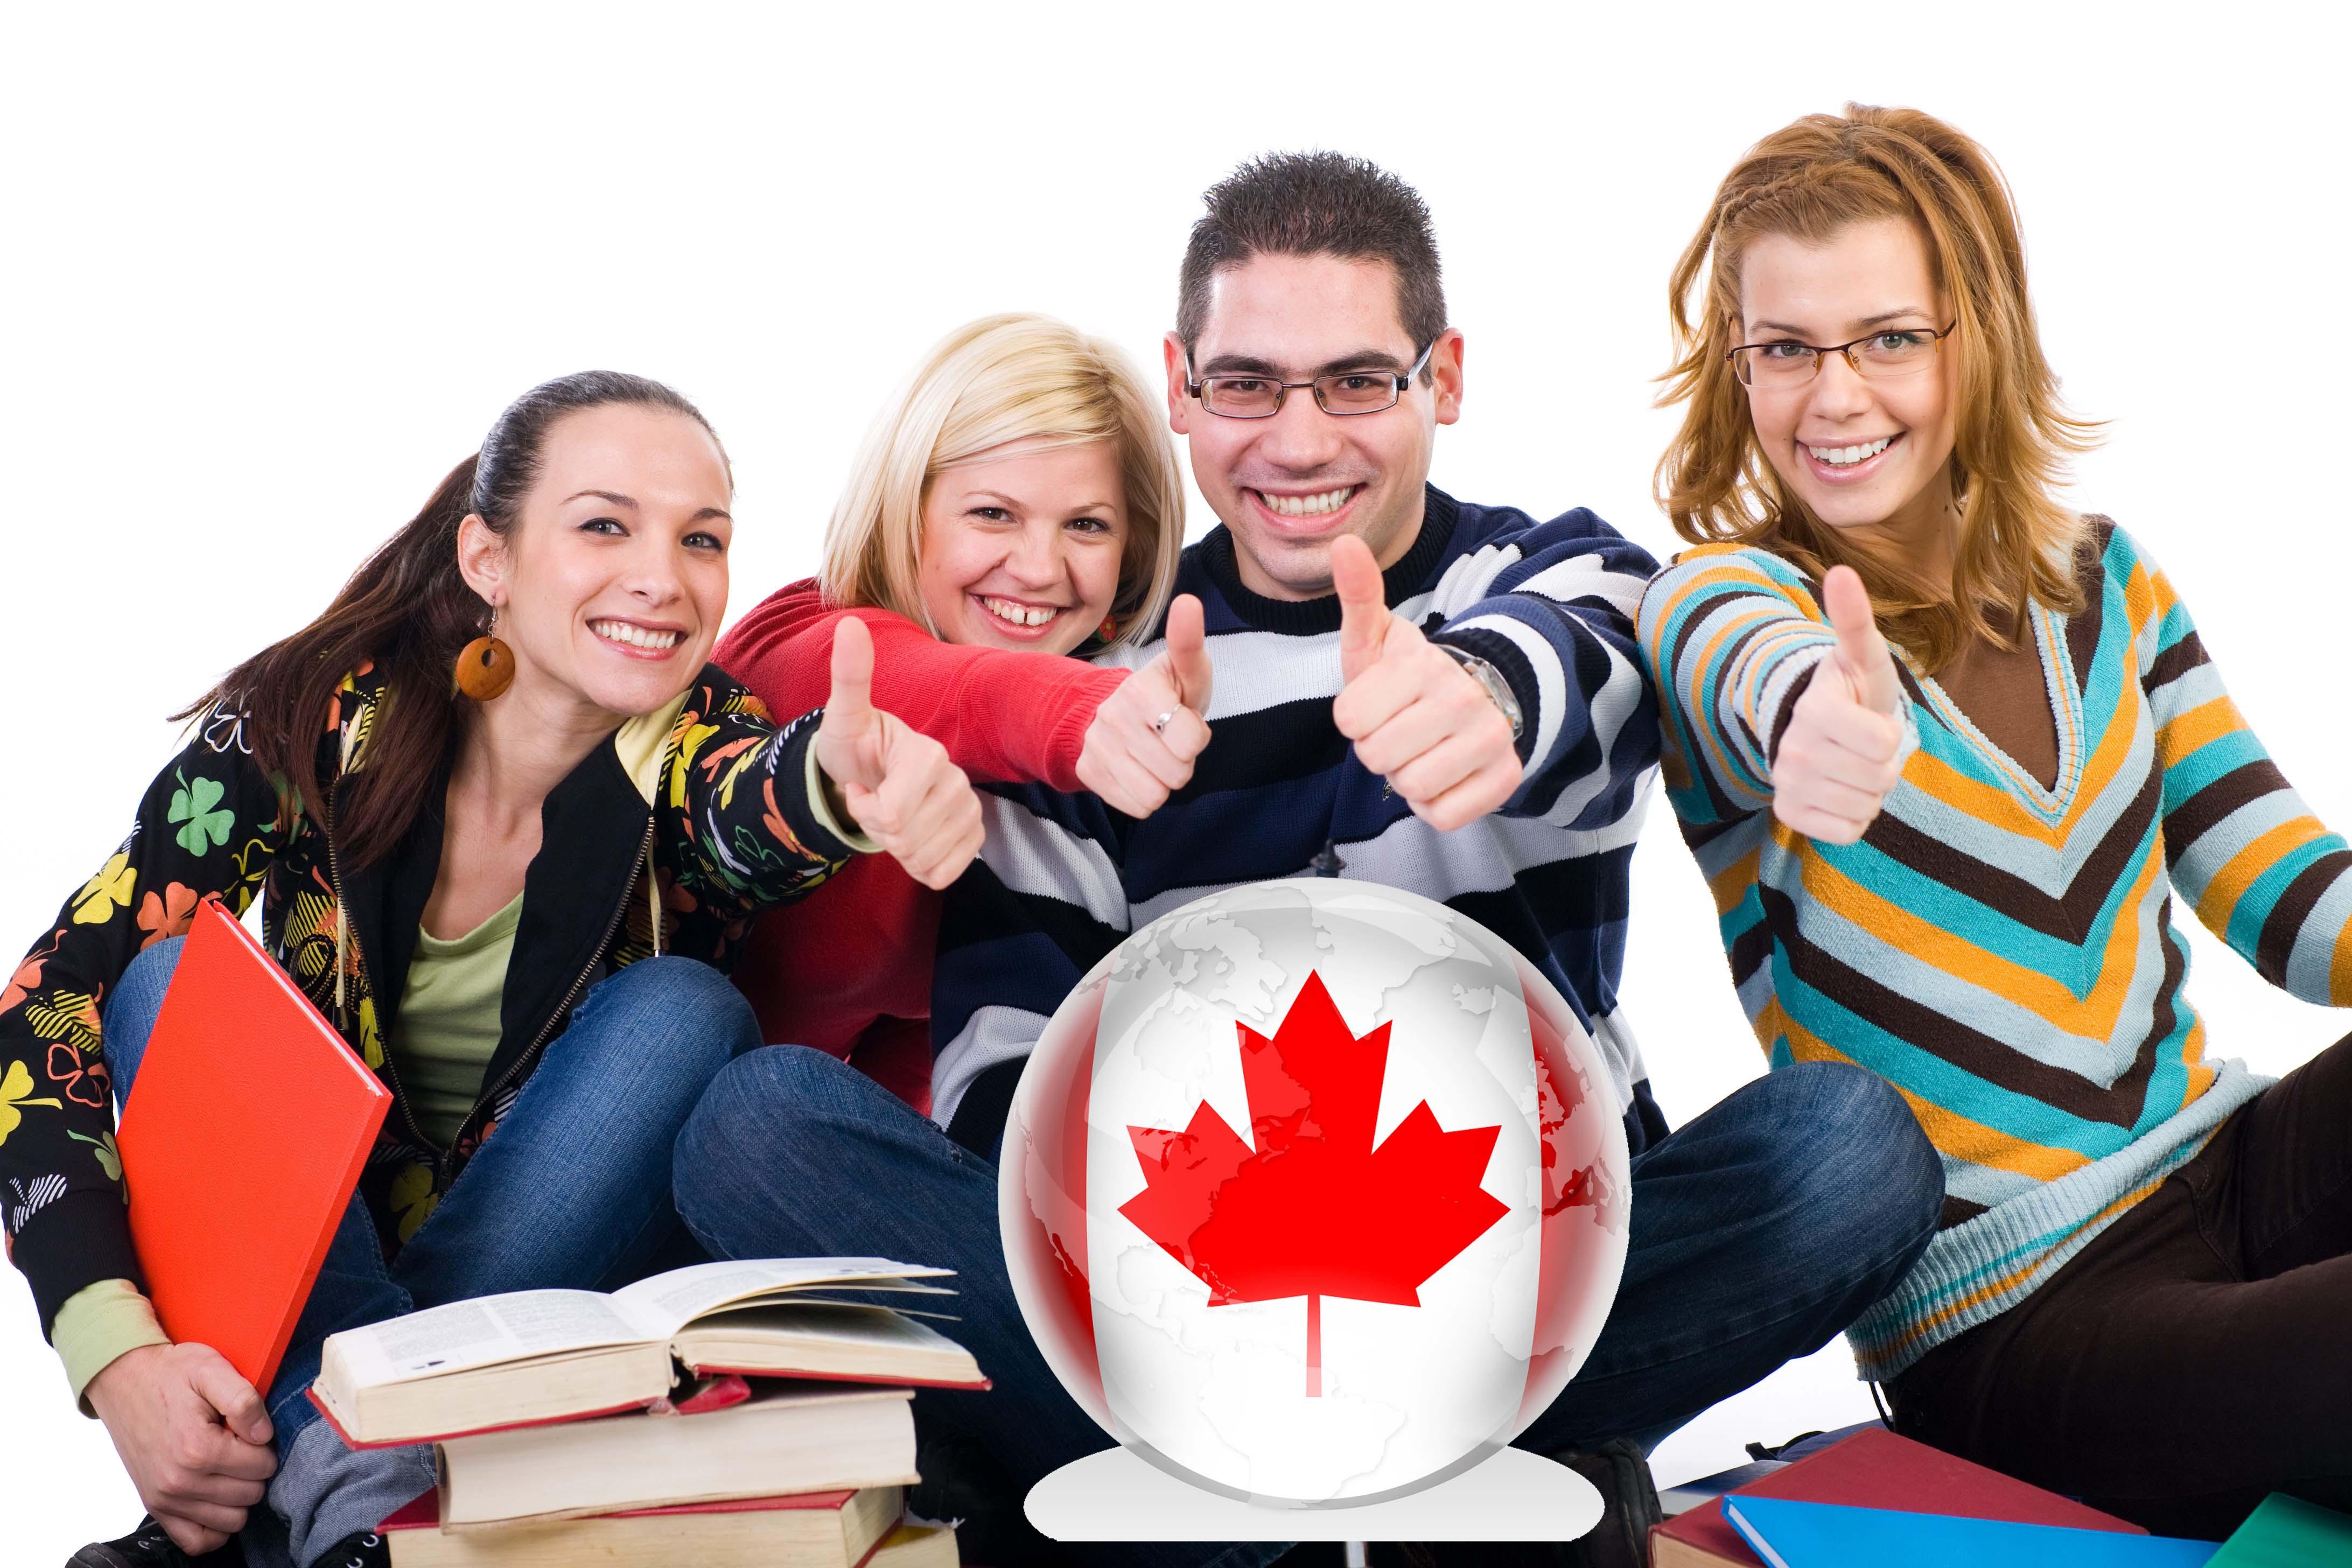 Городельской языковая стажировка за границей для учителя английского оплату служит